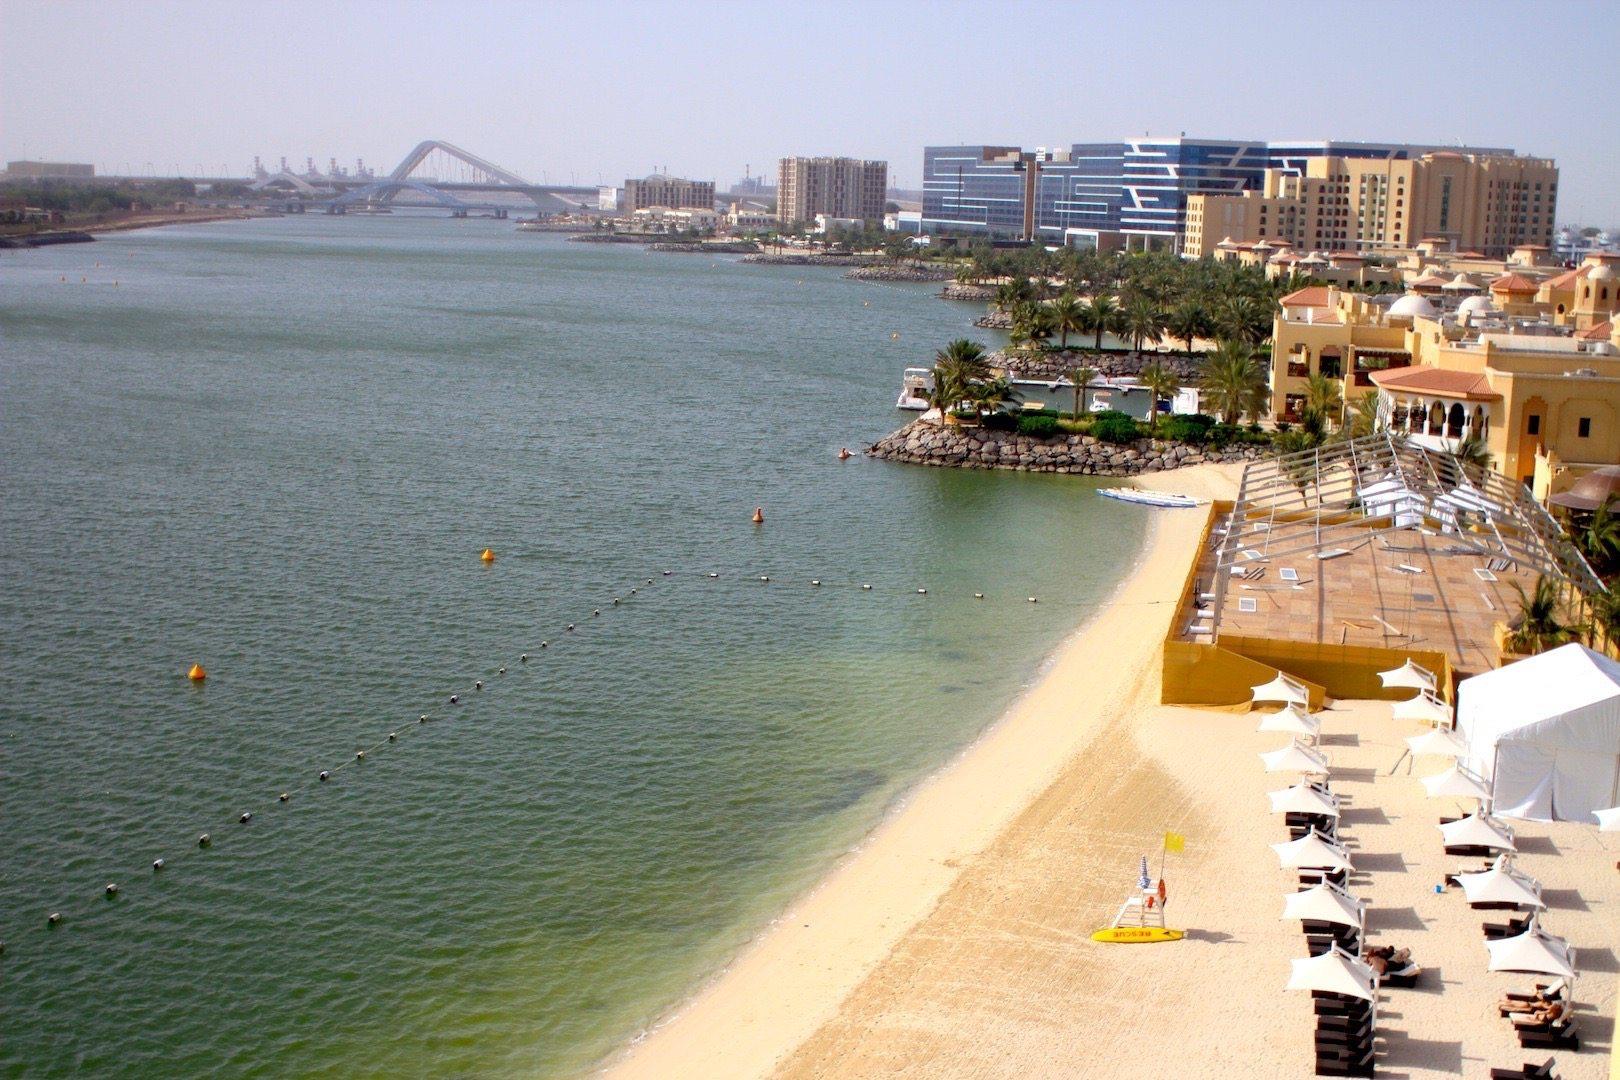 """""""Between the bridges"""". Das bei Emiratis, Expats und Touristen beliebte Viertel, wörtlich übersetzt """"zwischen den Brücken""""."""